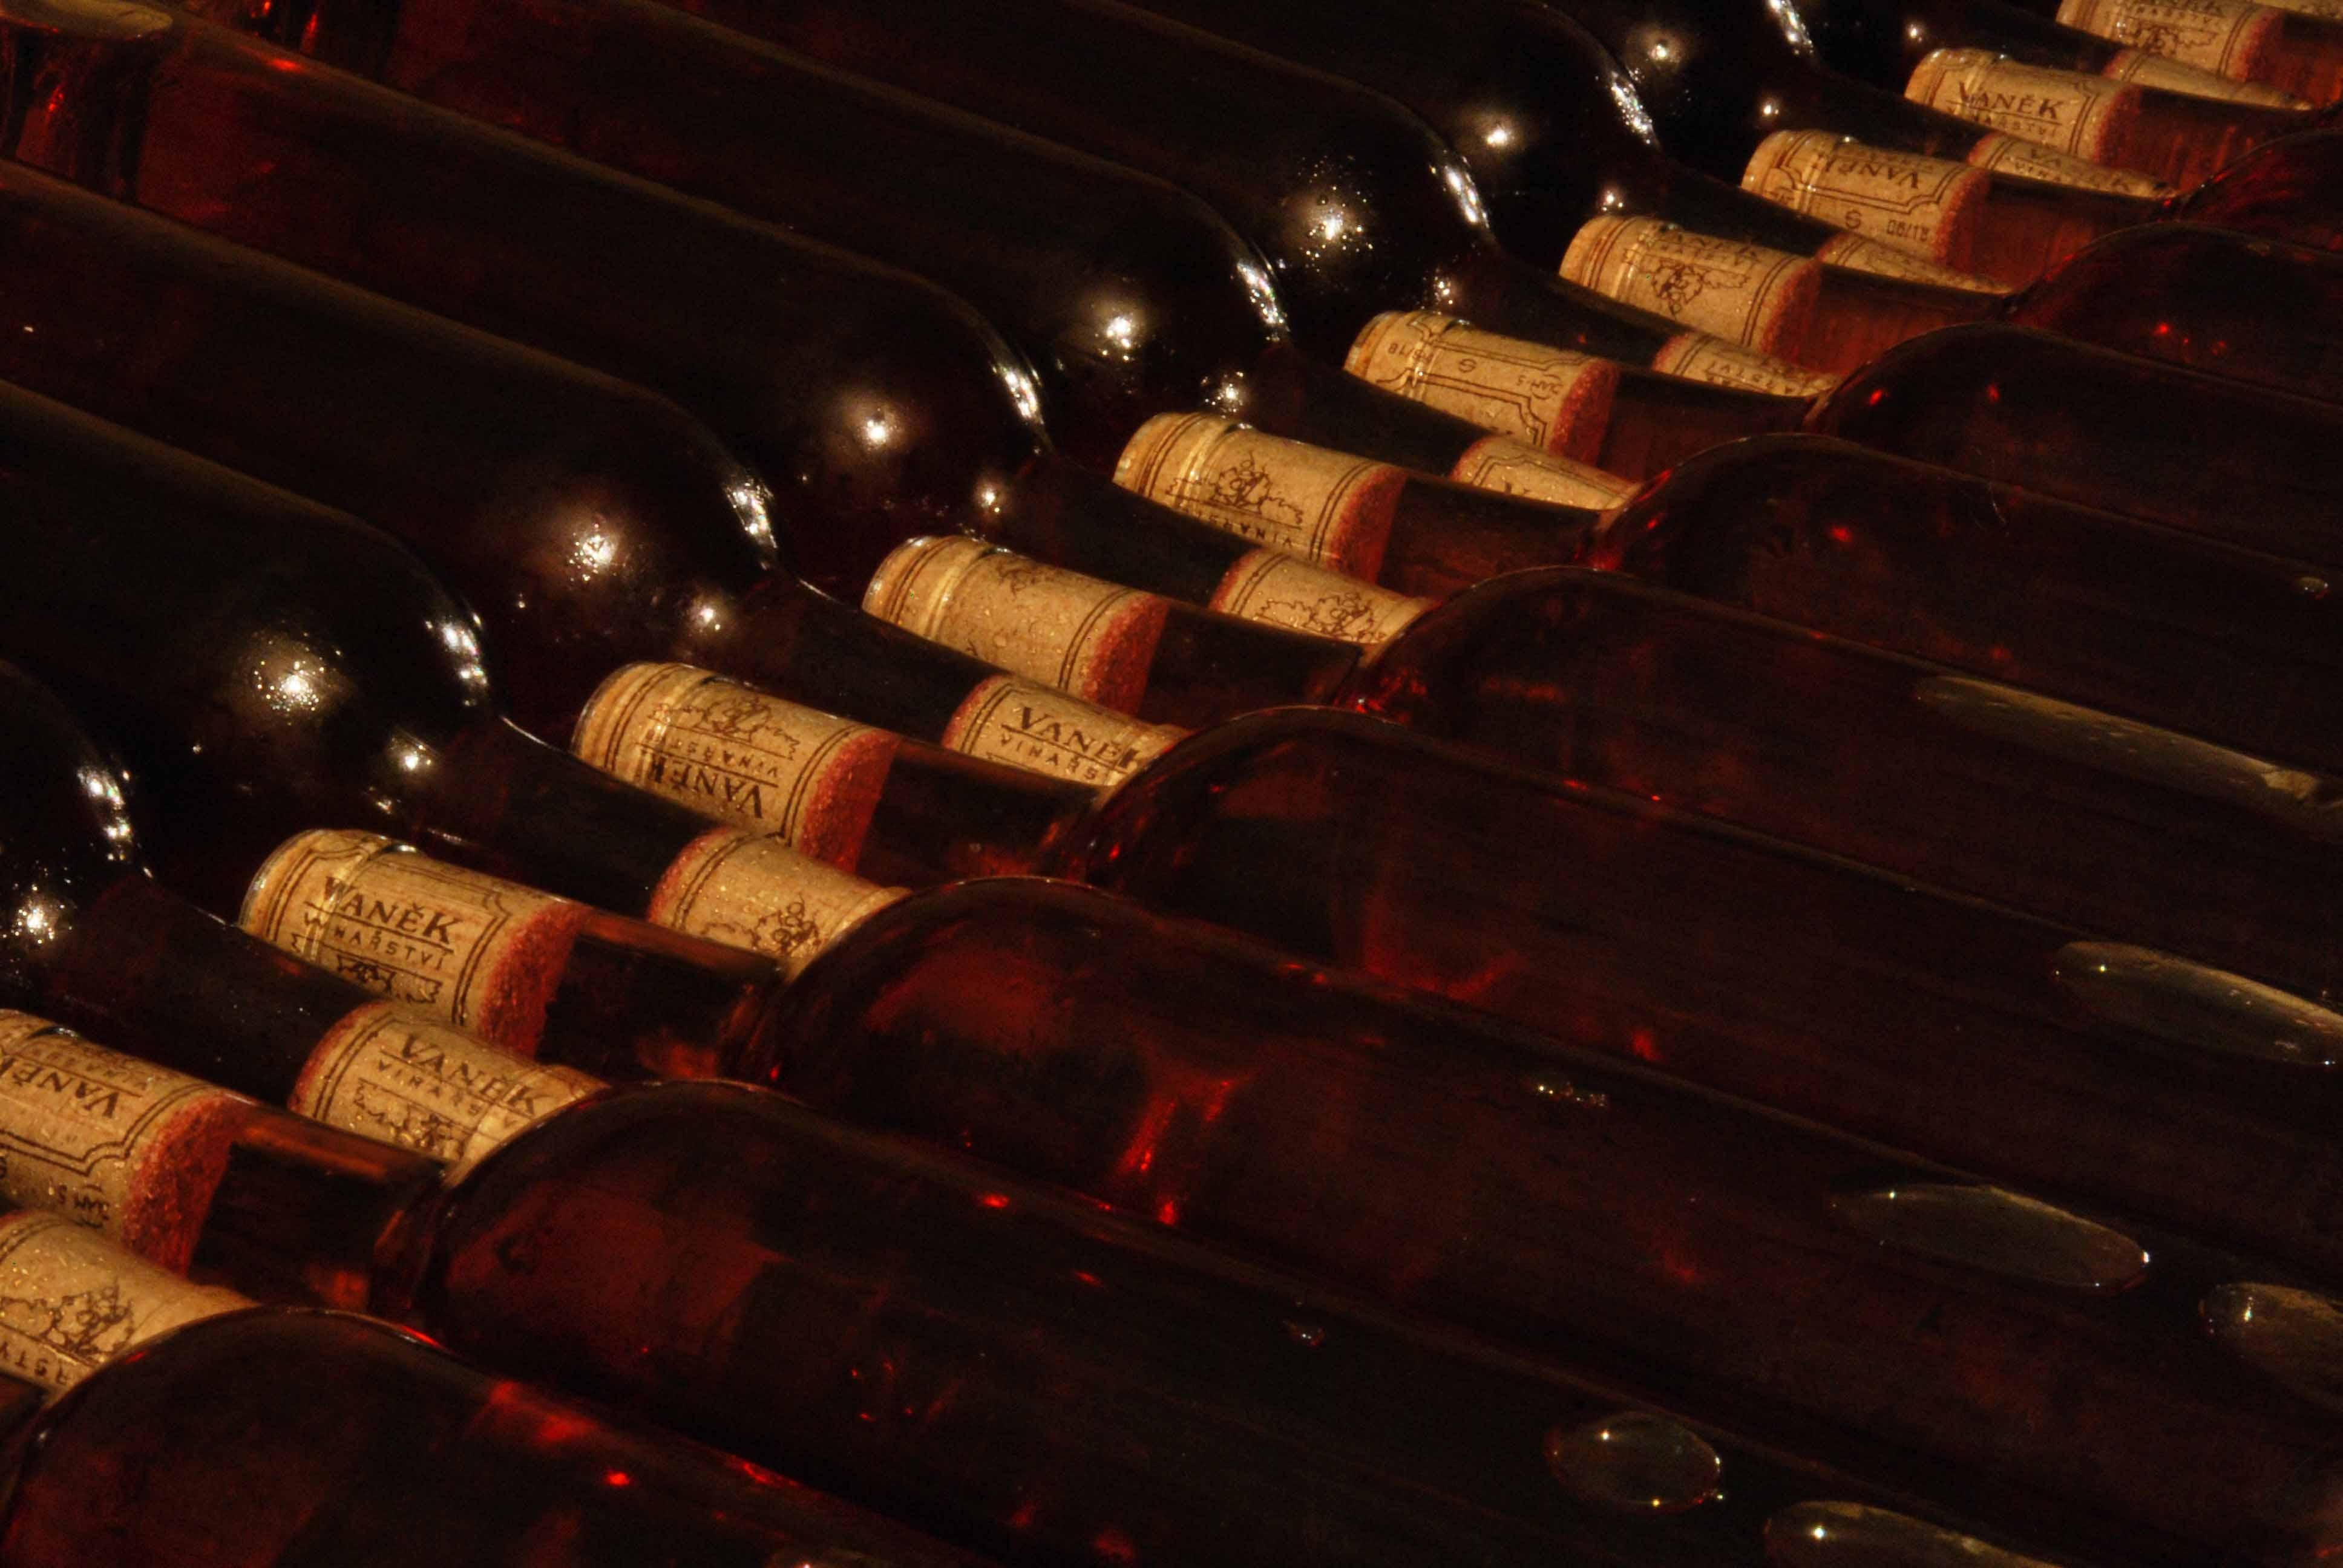 VÍNO VANĚK - nalahvované růžové víno si v klidu, jakoby nic leží ve sklepě